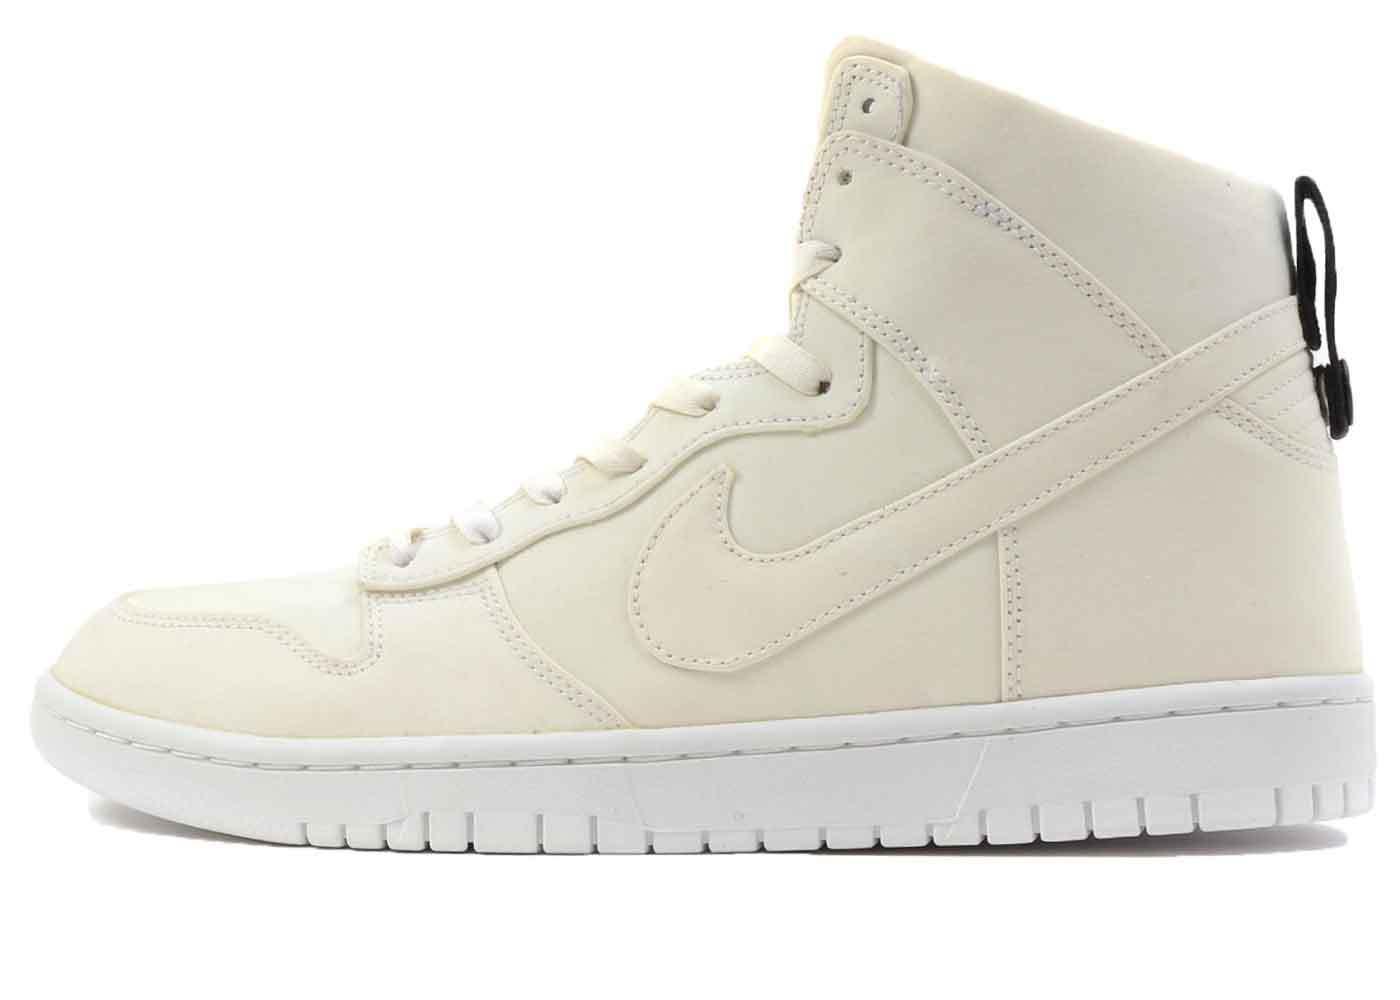 Nike Dunk High Dover Street Market Whiteの写真